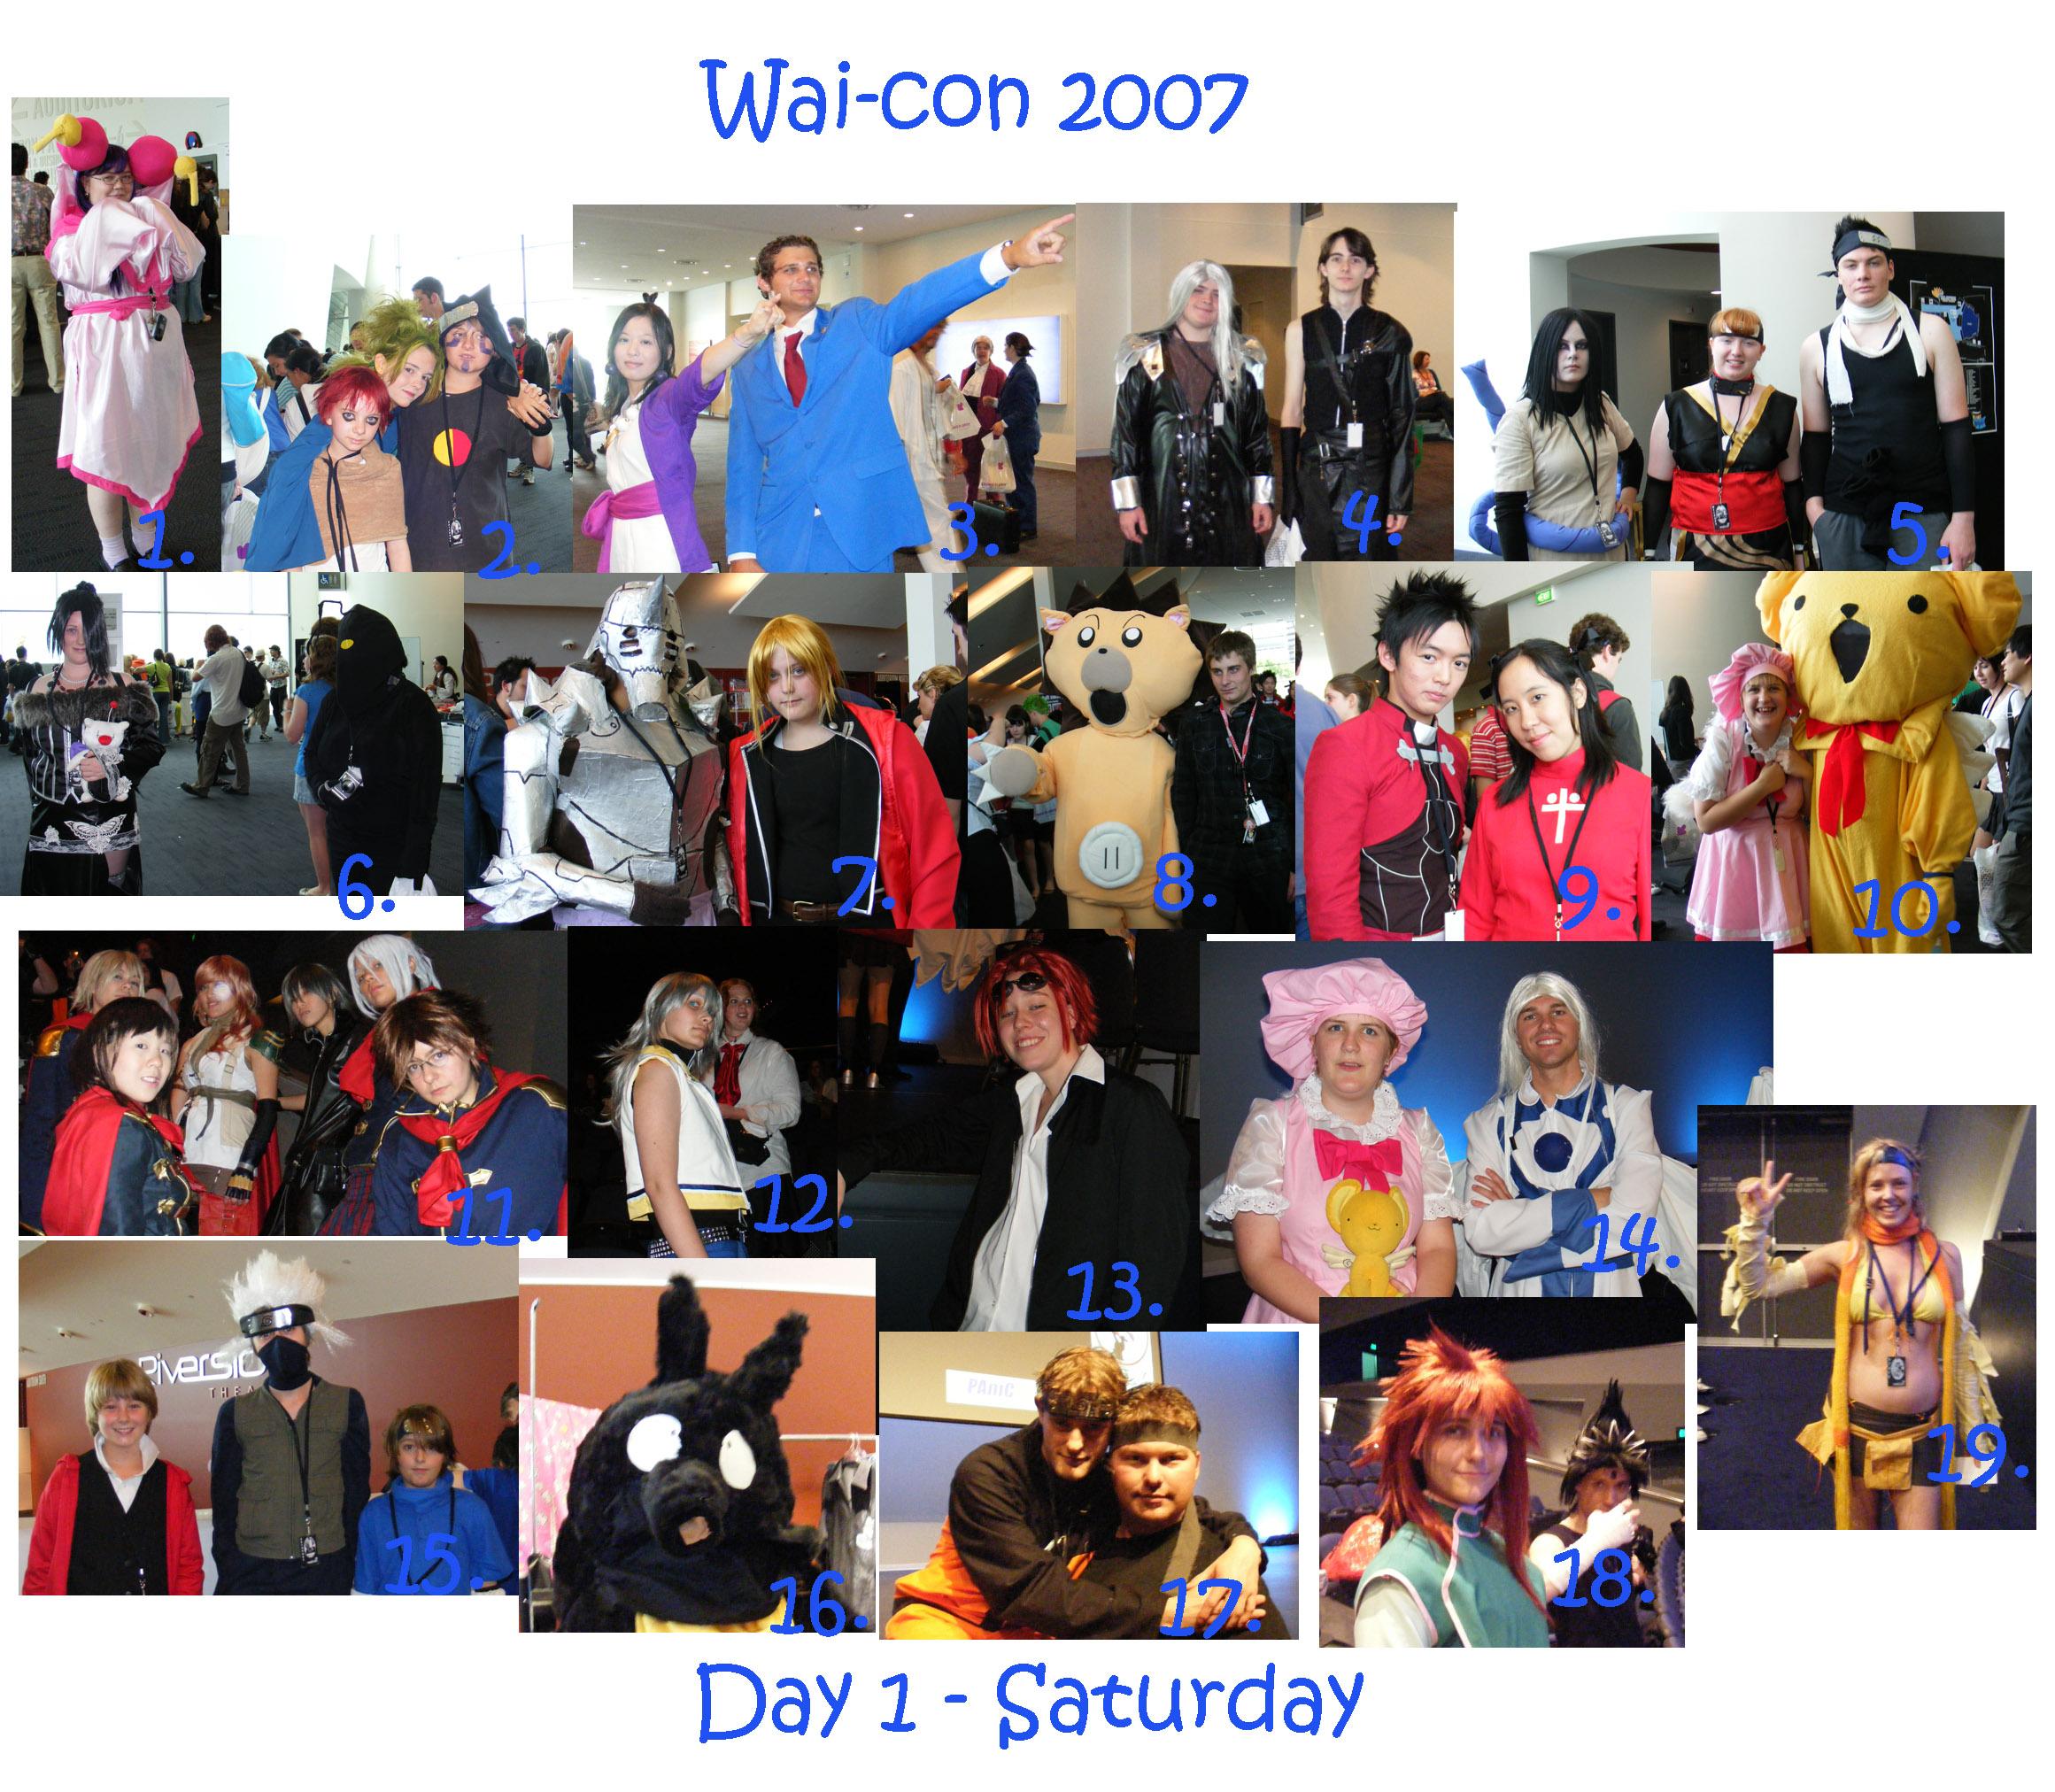 Waicon__part_1_by_Akina_SA.jpg